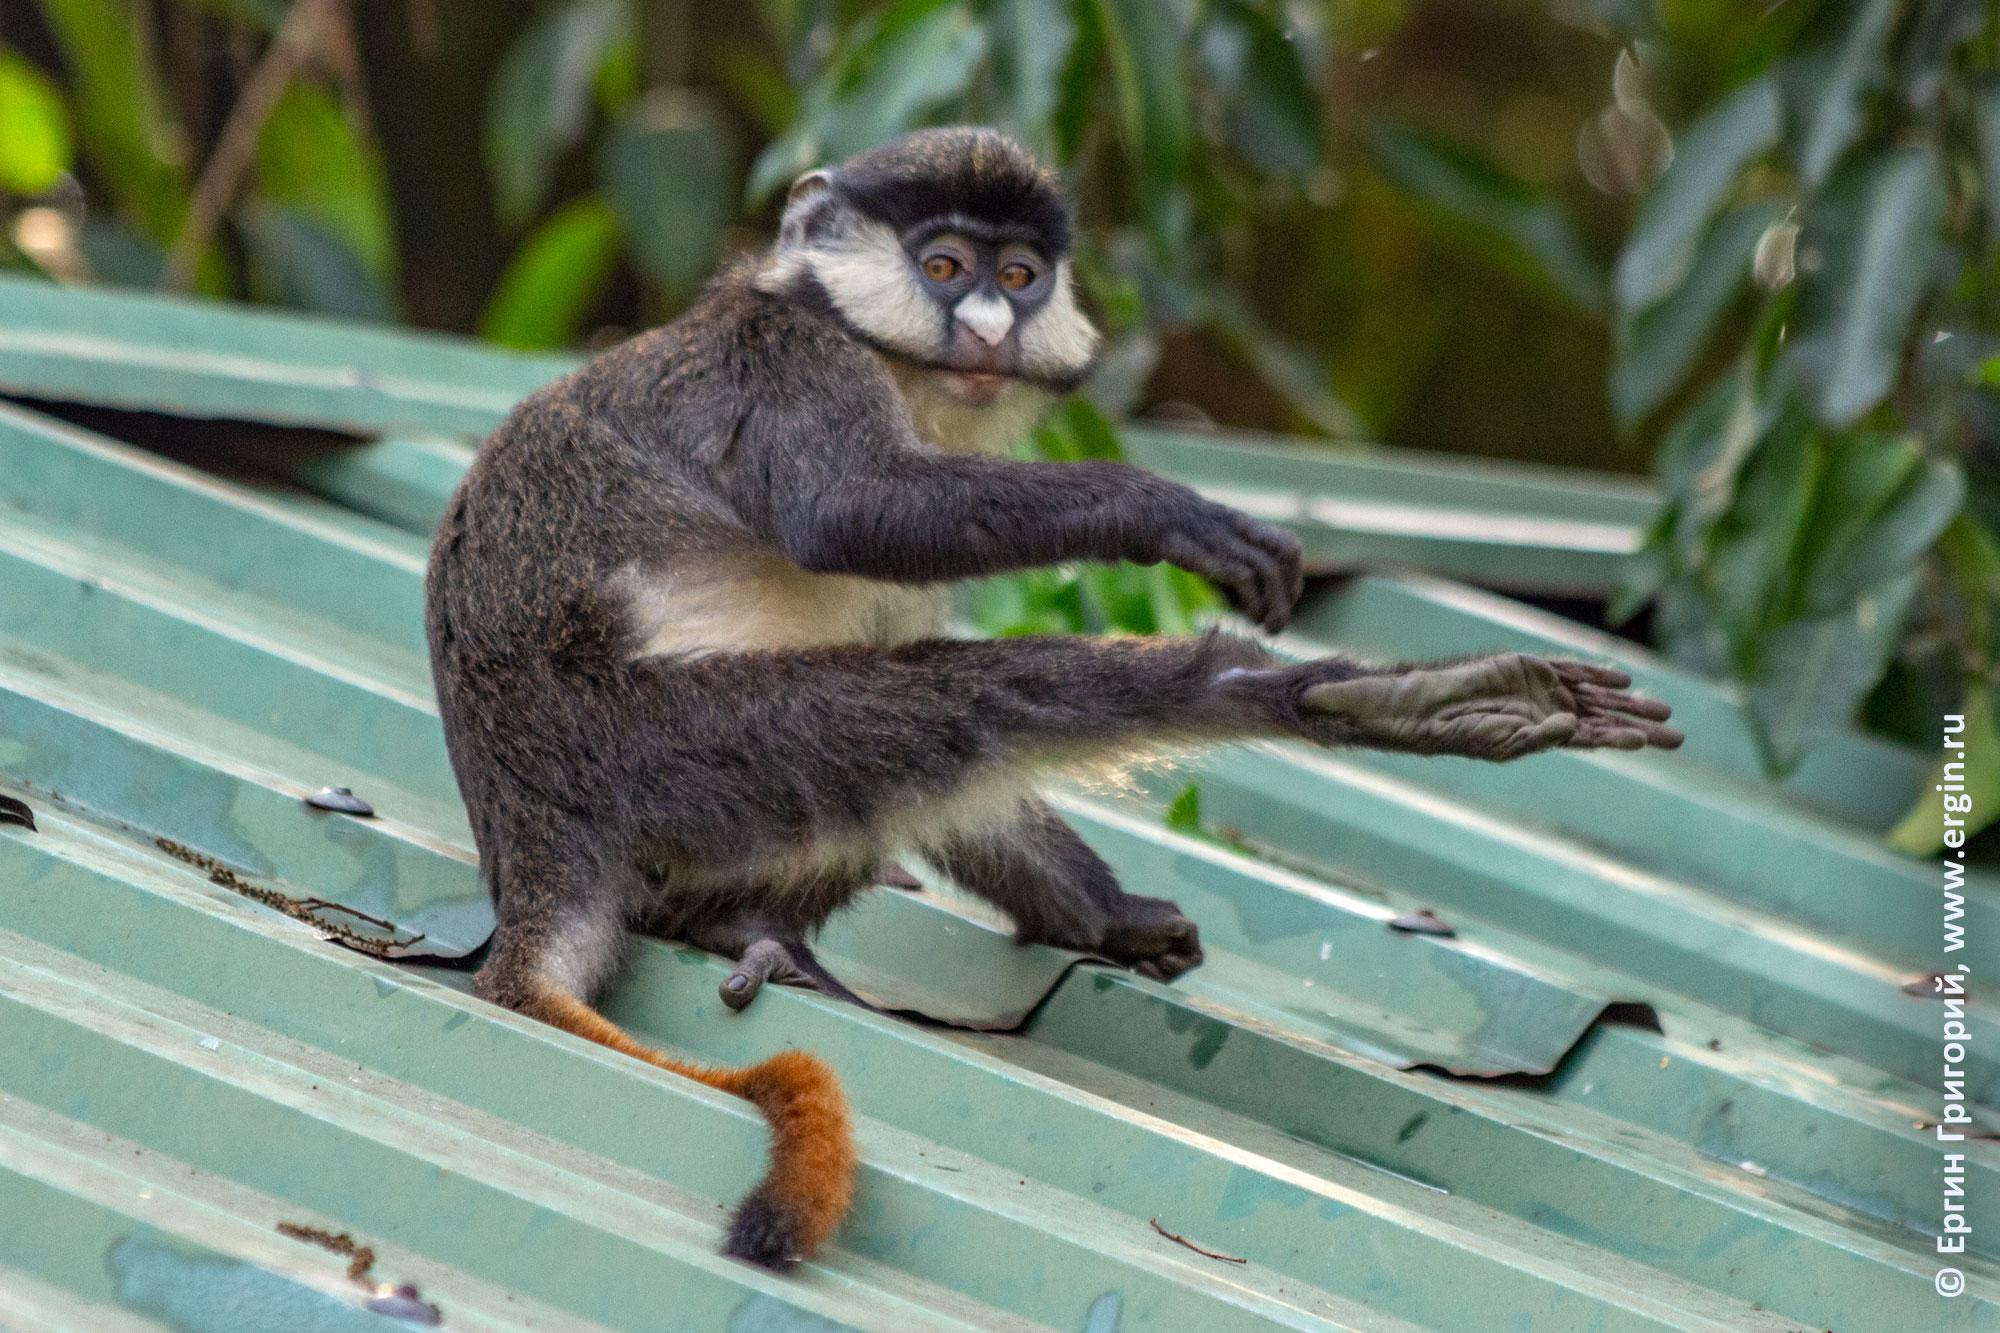 Краснохвостая мартышка обезьяна чешет пятку